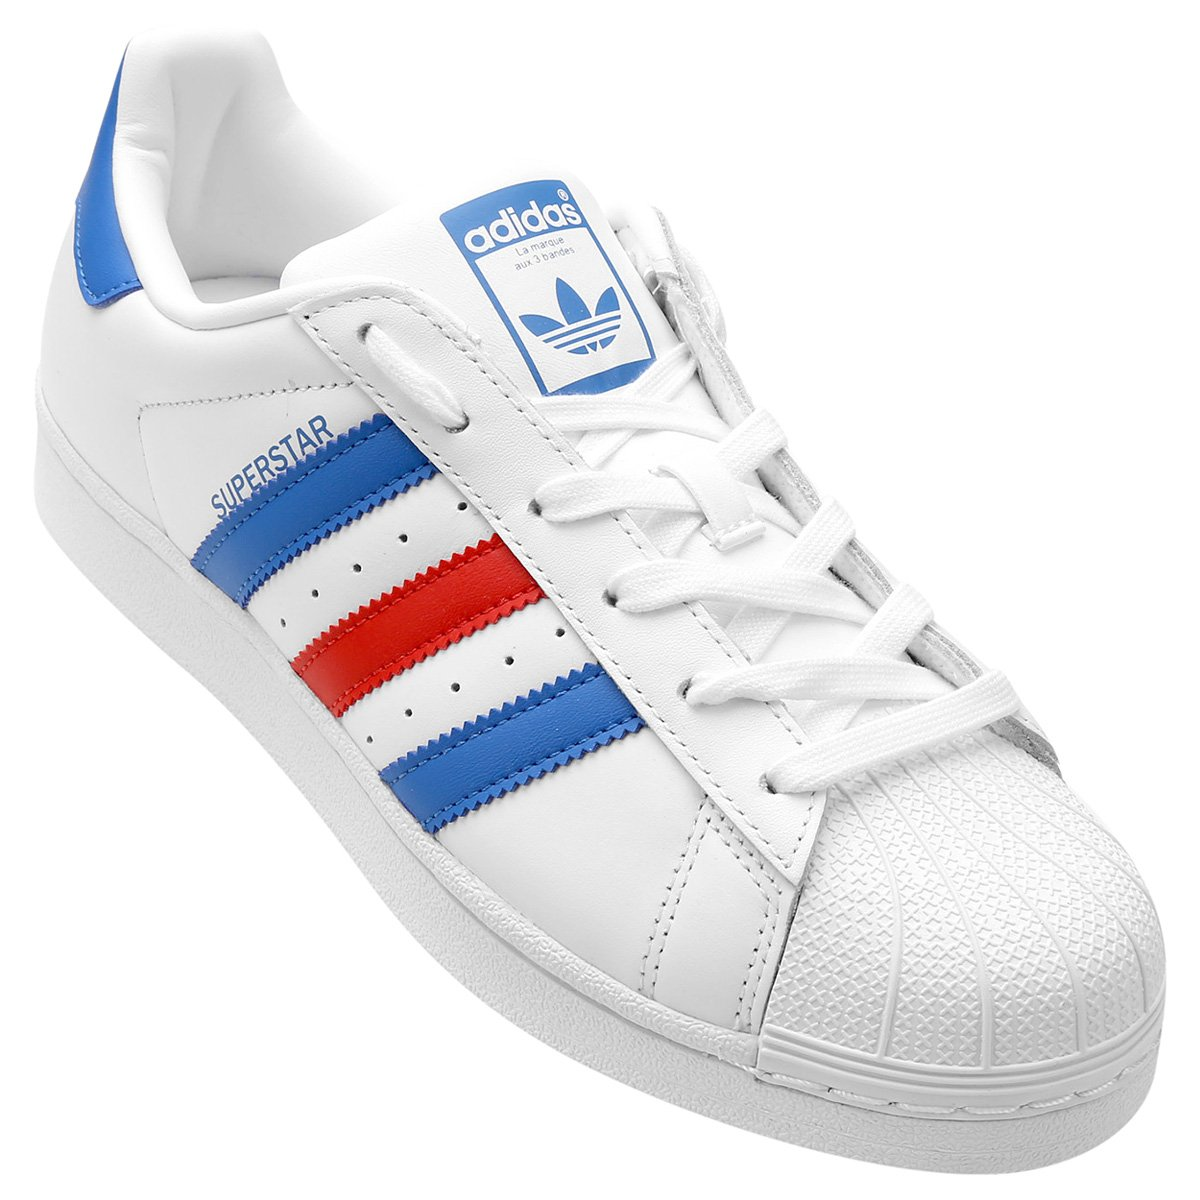 a7fa55f8f ... coupon for o produto tênis couro adidas superstar foundation branco e  azul acabou. caec4 4b3b6